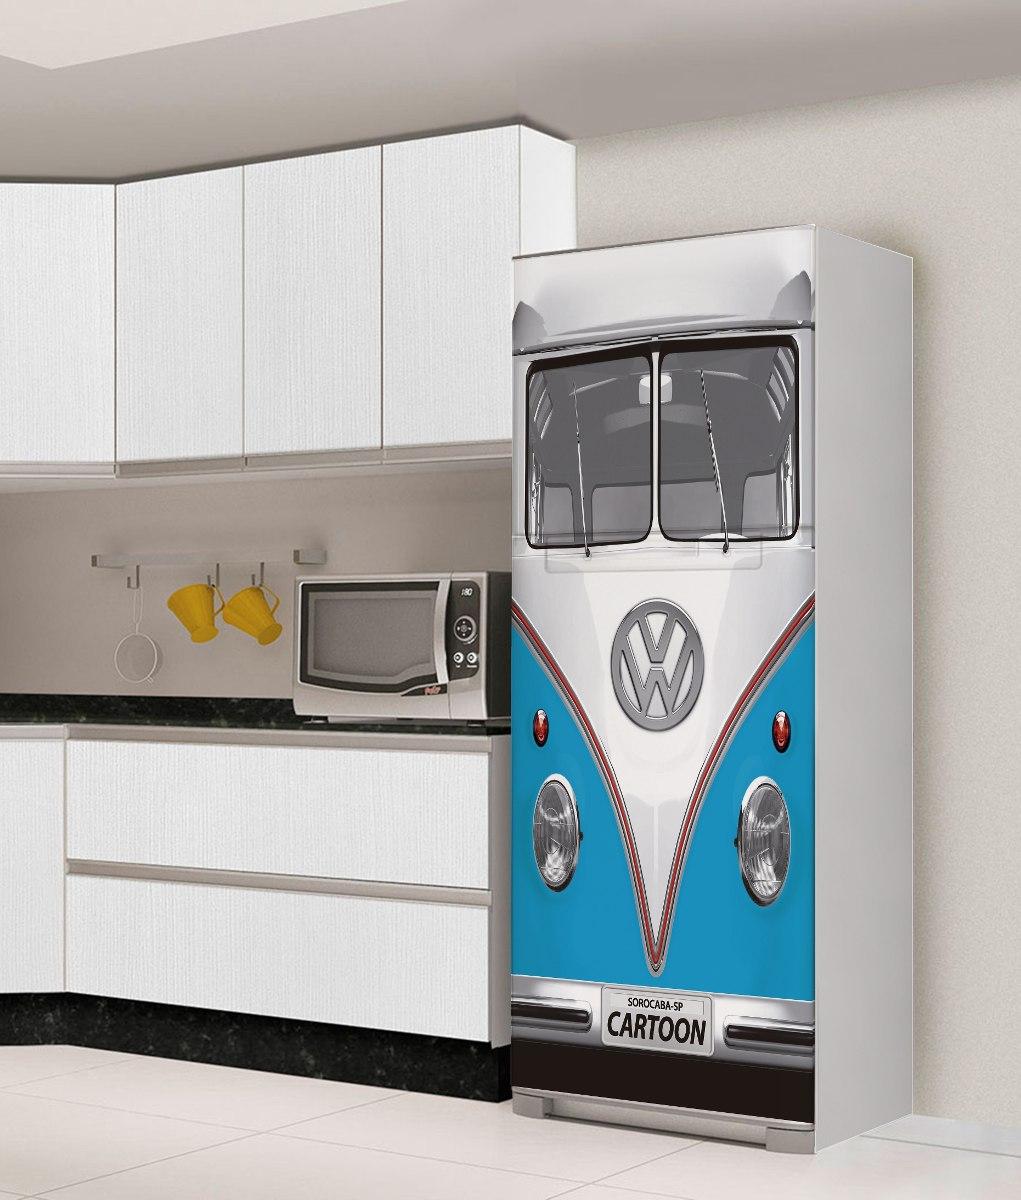 Armario Sob Medida Para Cozinha ~ Adesivo Geladeira Freezer Envelopamento Kombi Fusca Vw Retro R$ 129,00 em Mercado Livre